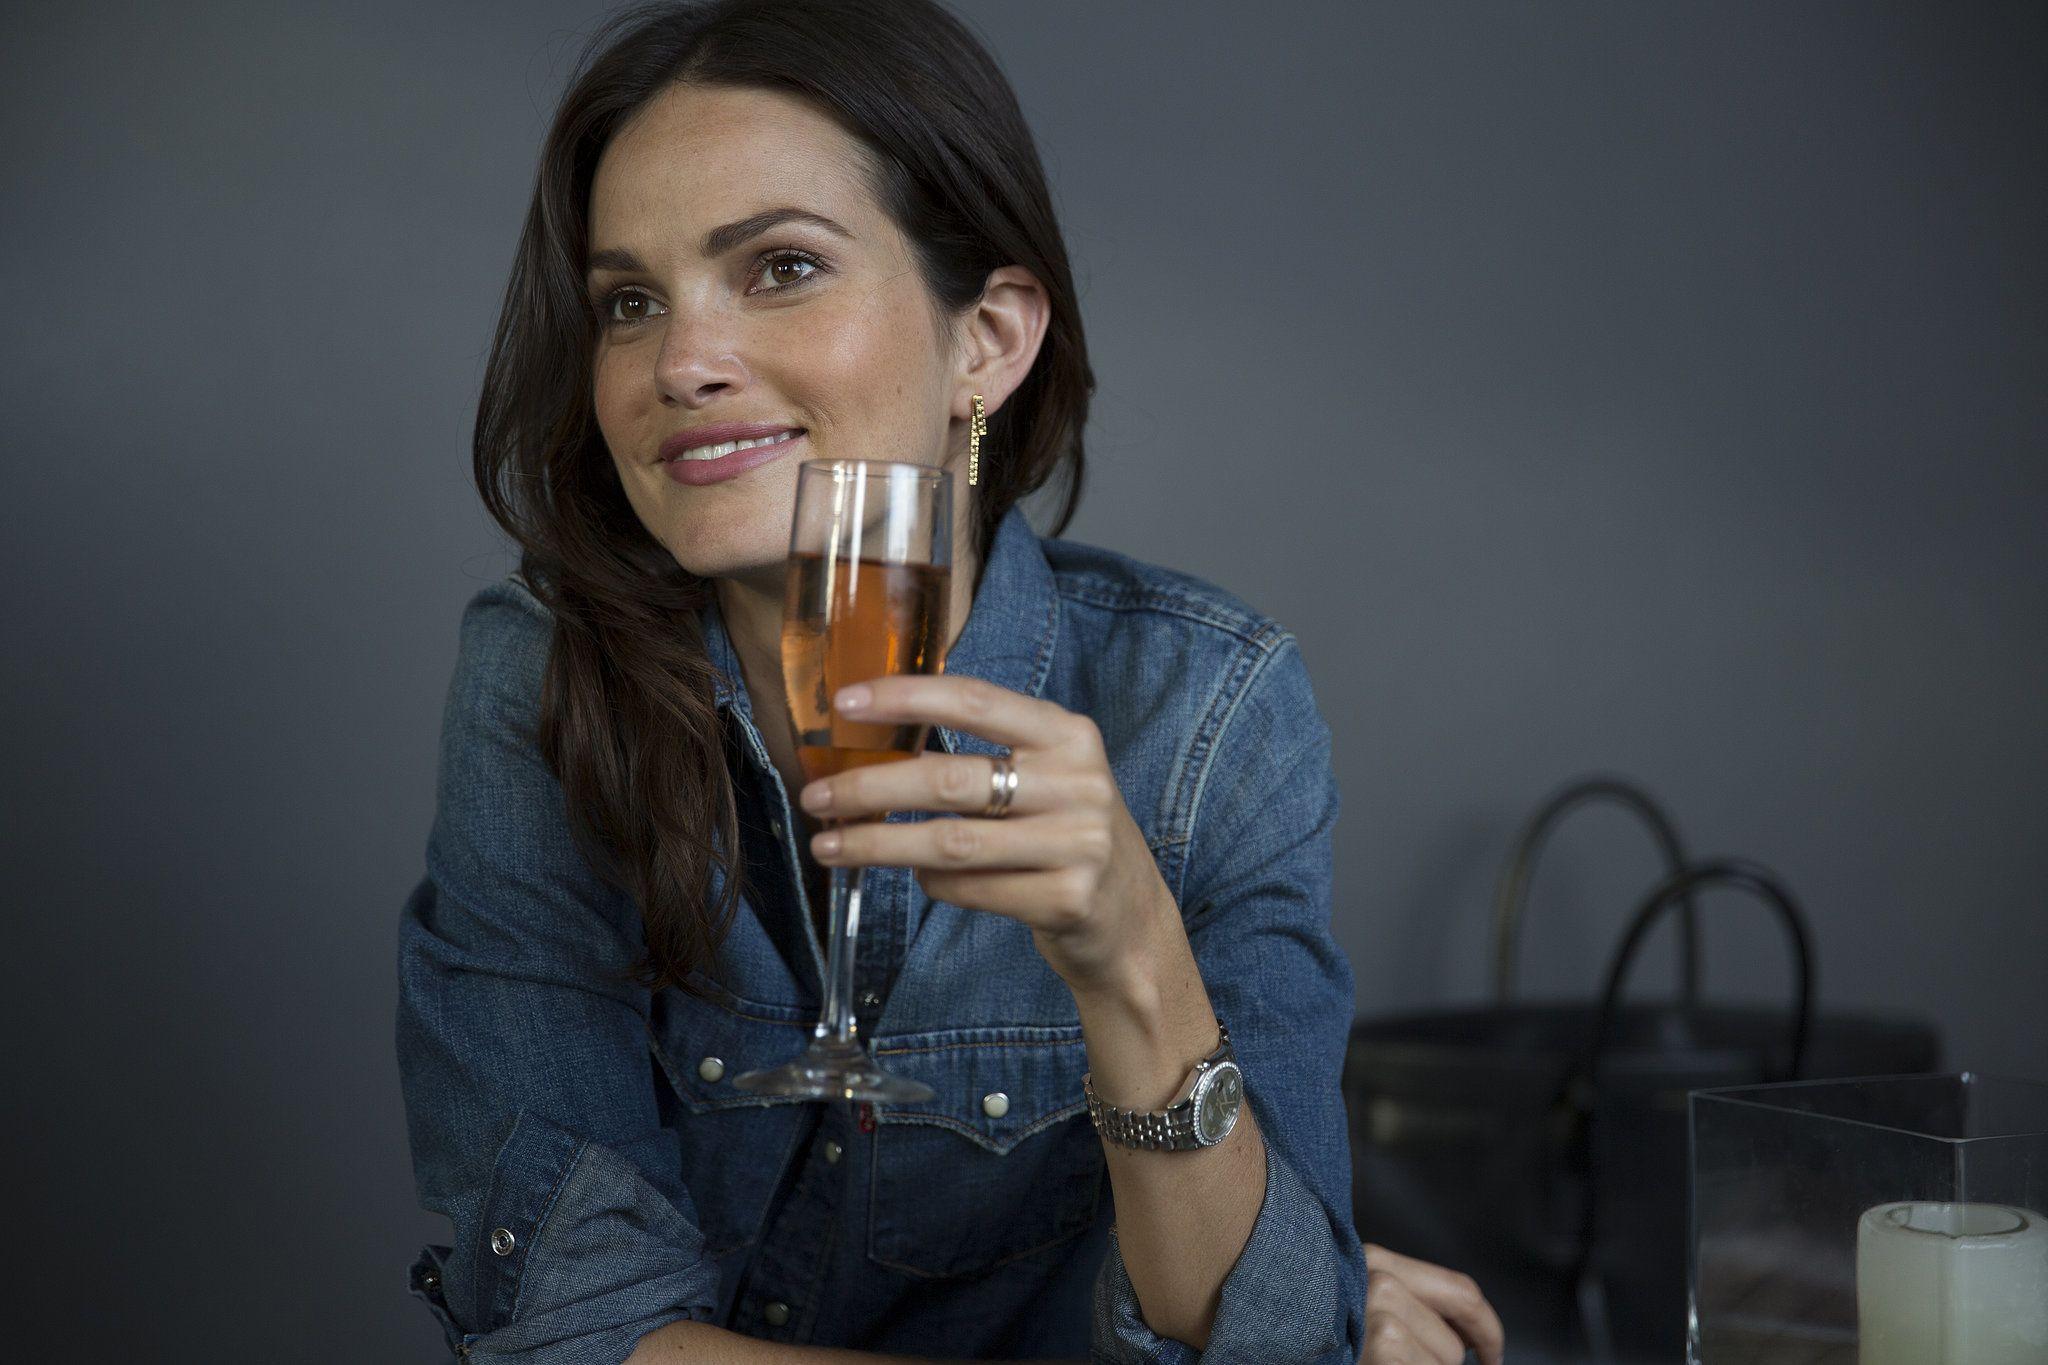 Efectul nociv al paharului de vin zilnic asupra sănătății sânilor